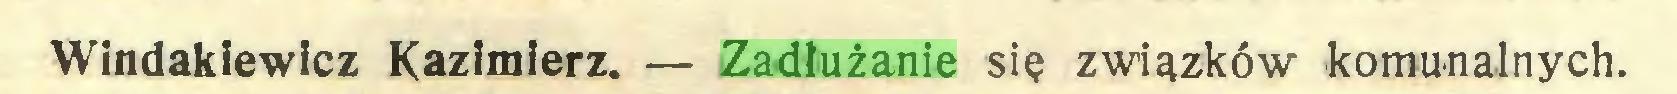 (...) Windakiewicz Kazimierz. — Zadłużanie się związków komunalnych...